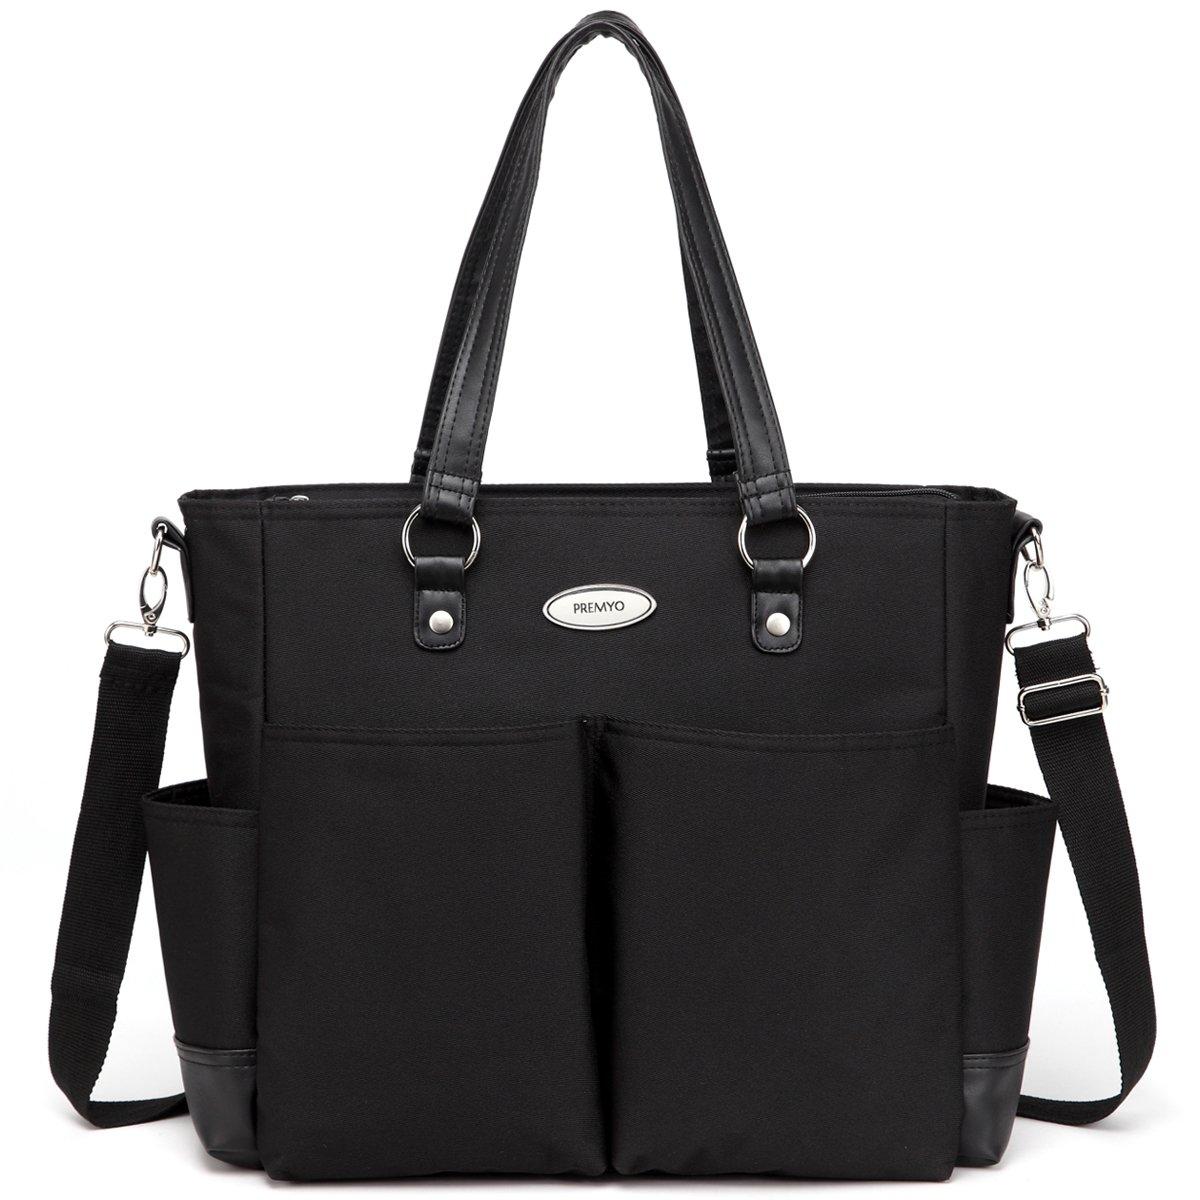 PREMYO Bolso para carrito de bebé grande en negro. Elegante bolso cambiador para carro del bebé con bolsillo isotérmico. Bolso de maternidad moderno para el cochecito con cremallera y compartimentos